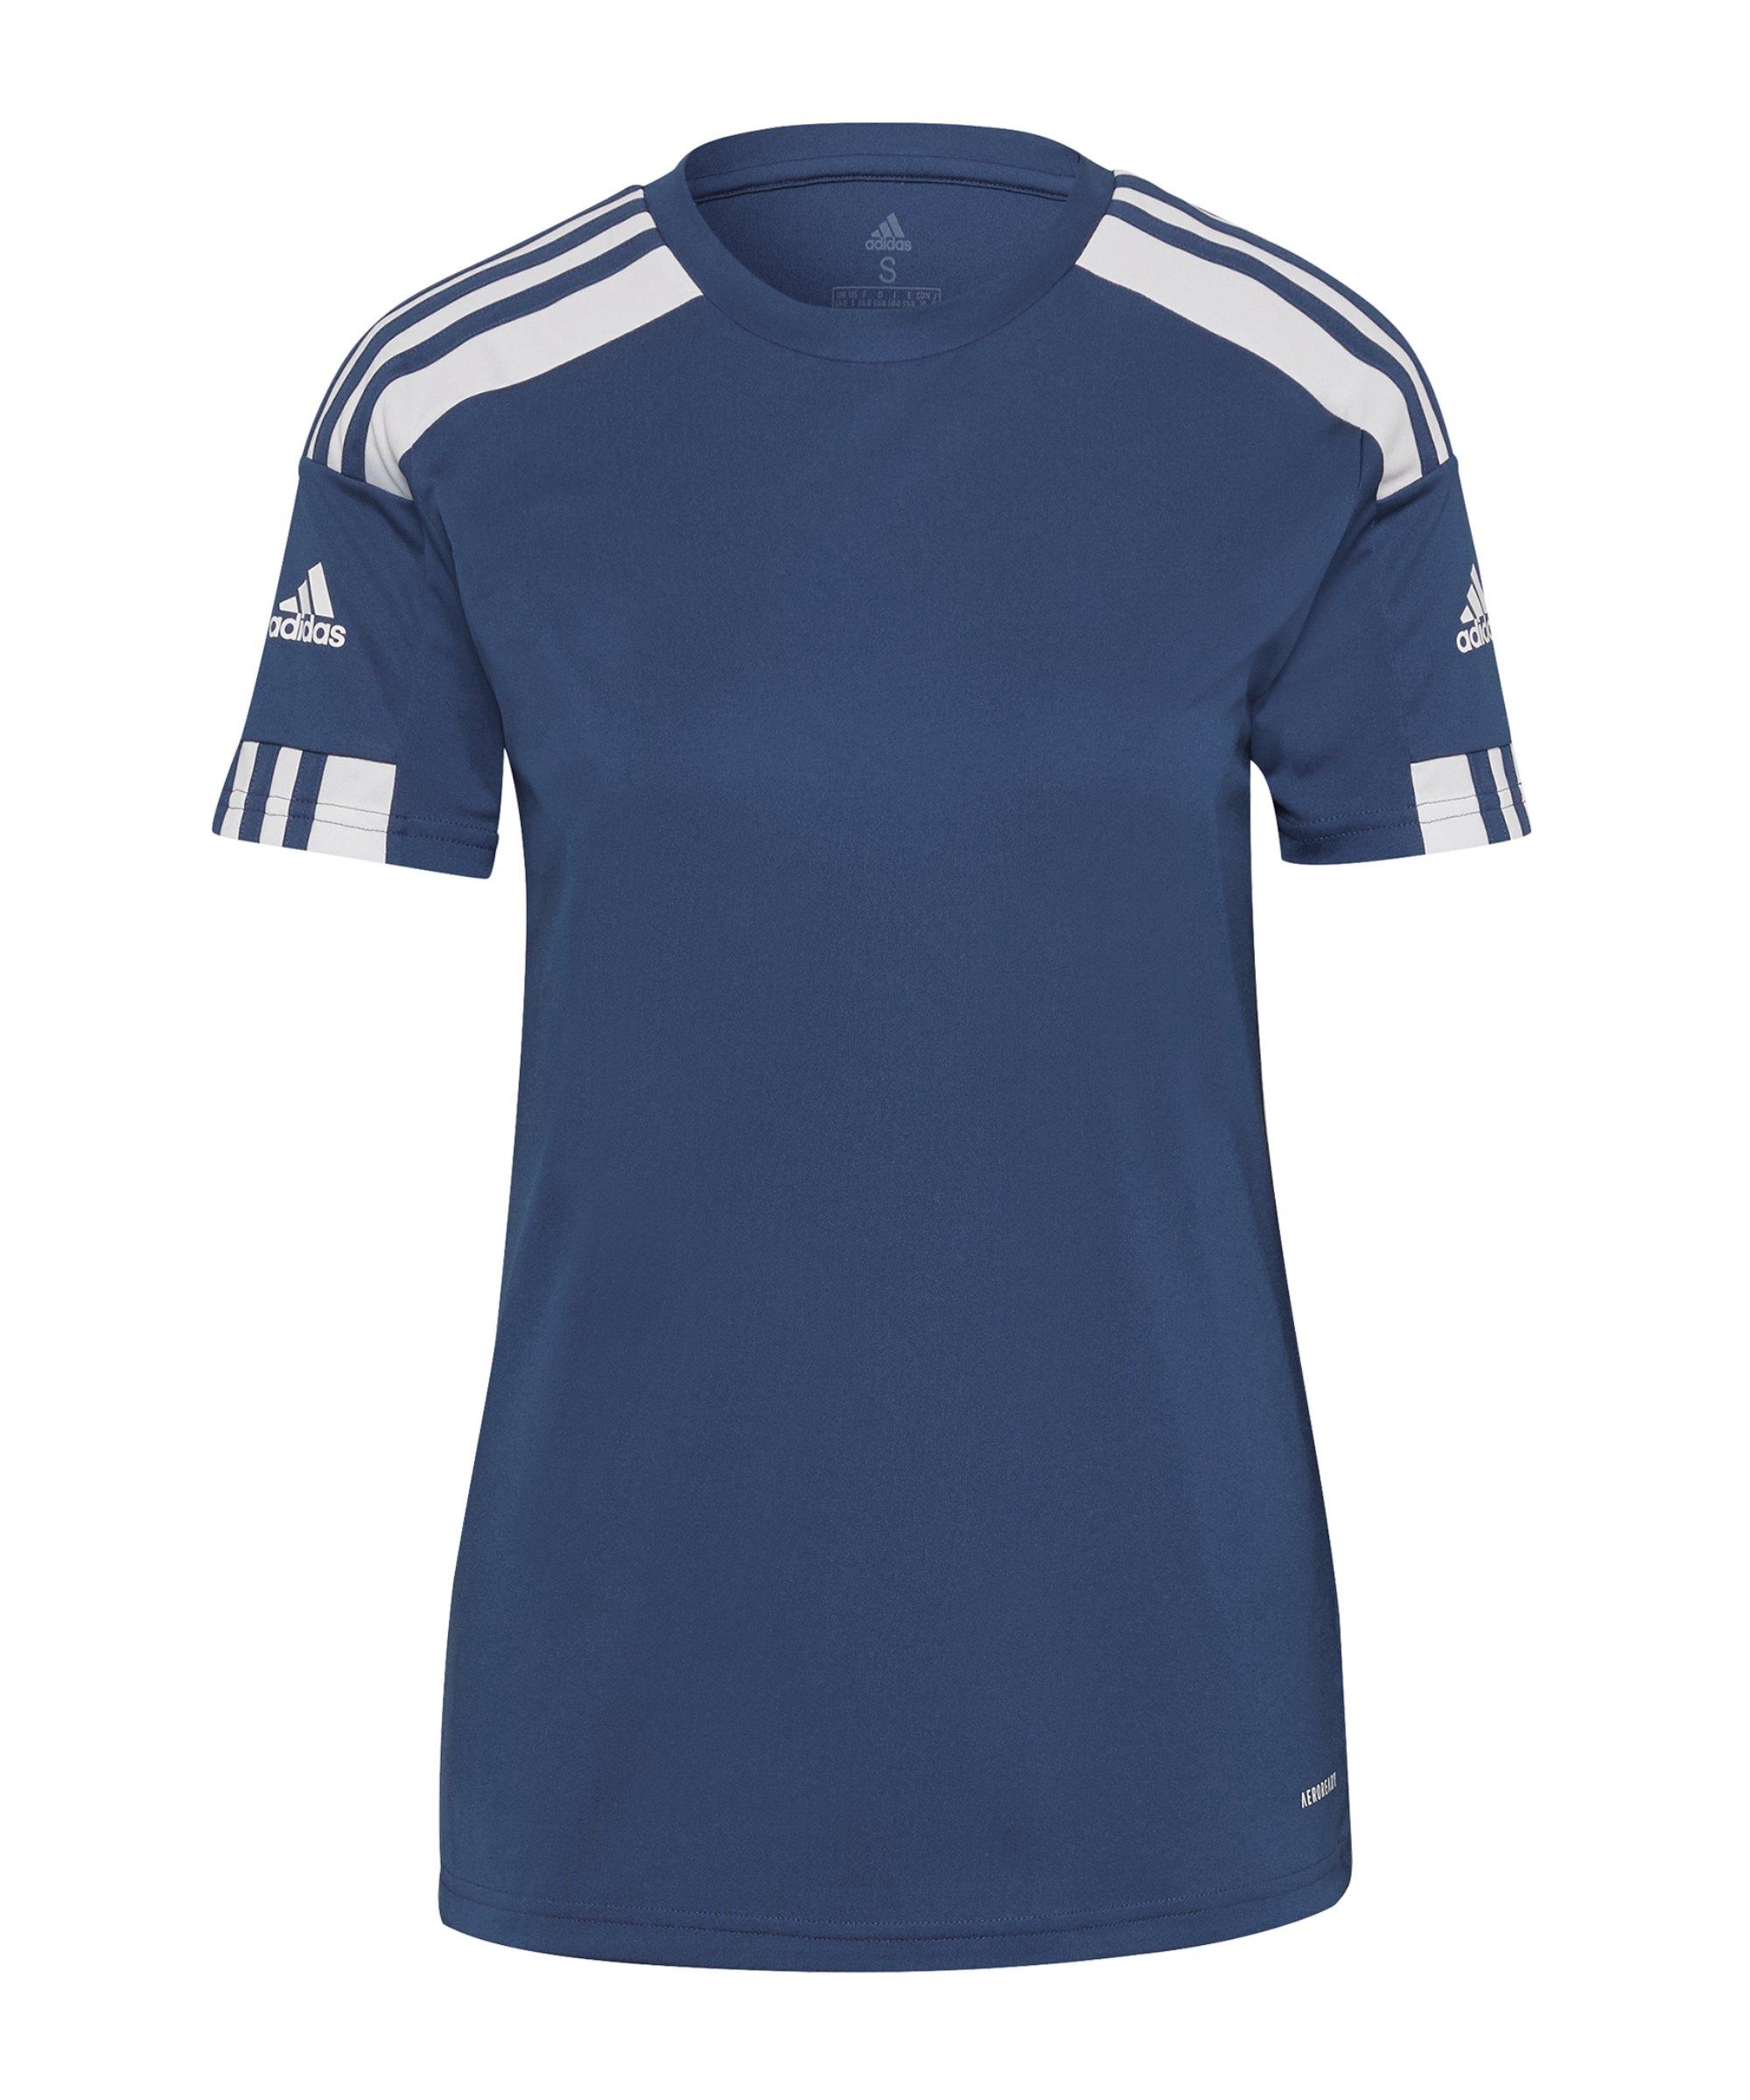 adidas Squadra 21 Trikot Damen Blau - blau